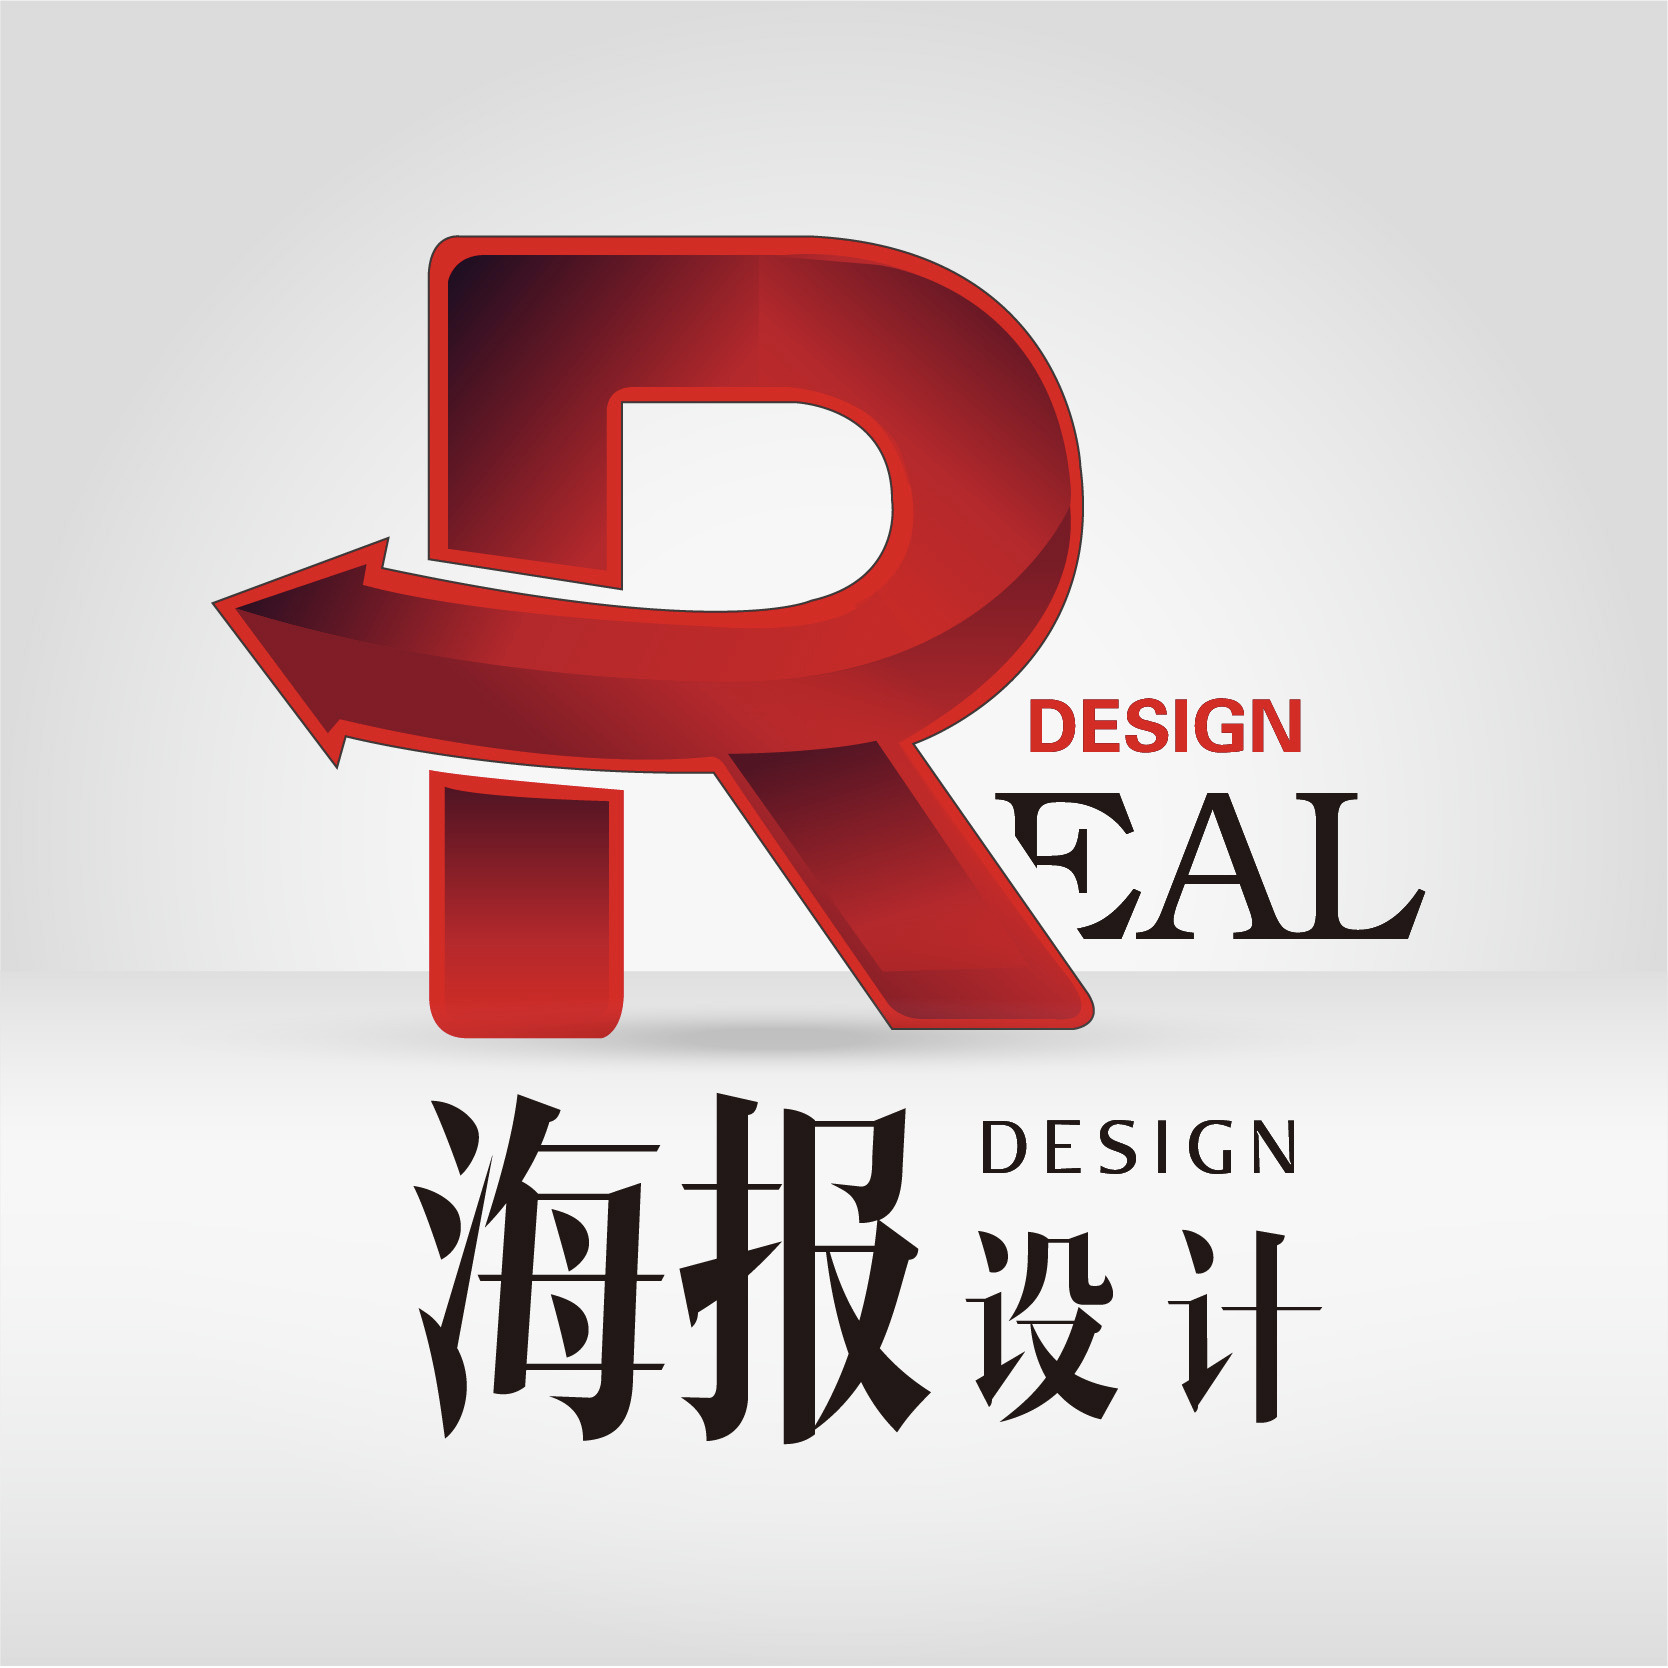 企业产品宣传单DM单折页 设计 企业形象海报宣传物料 设计